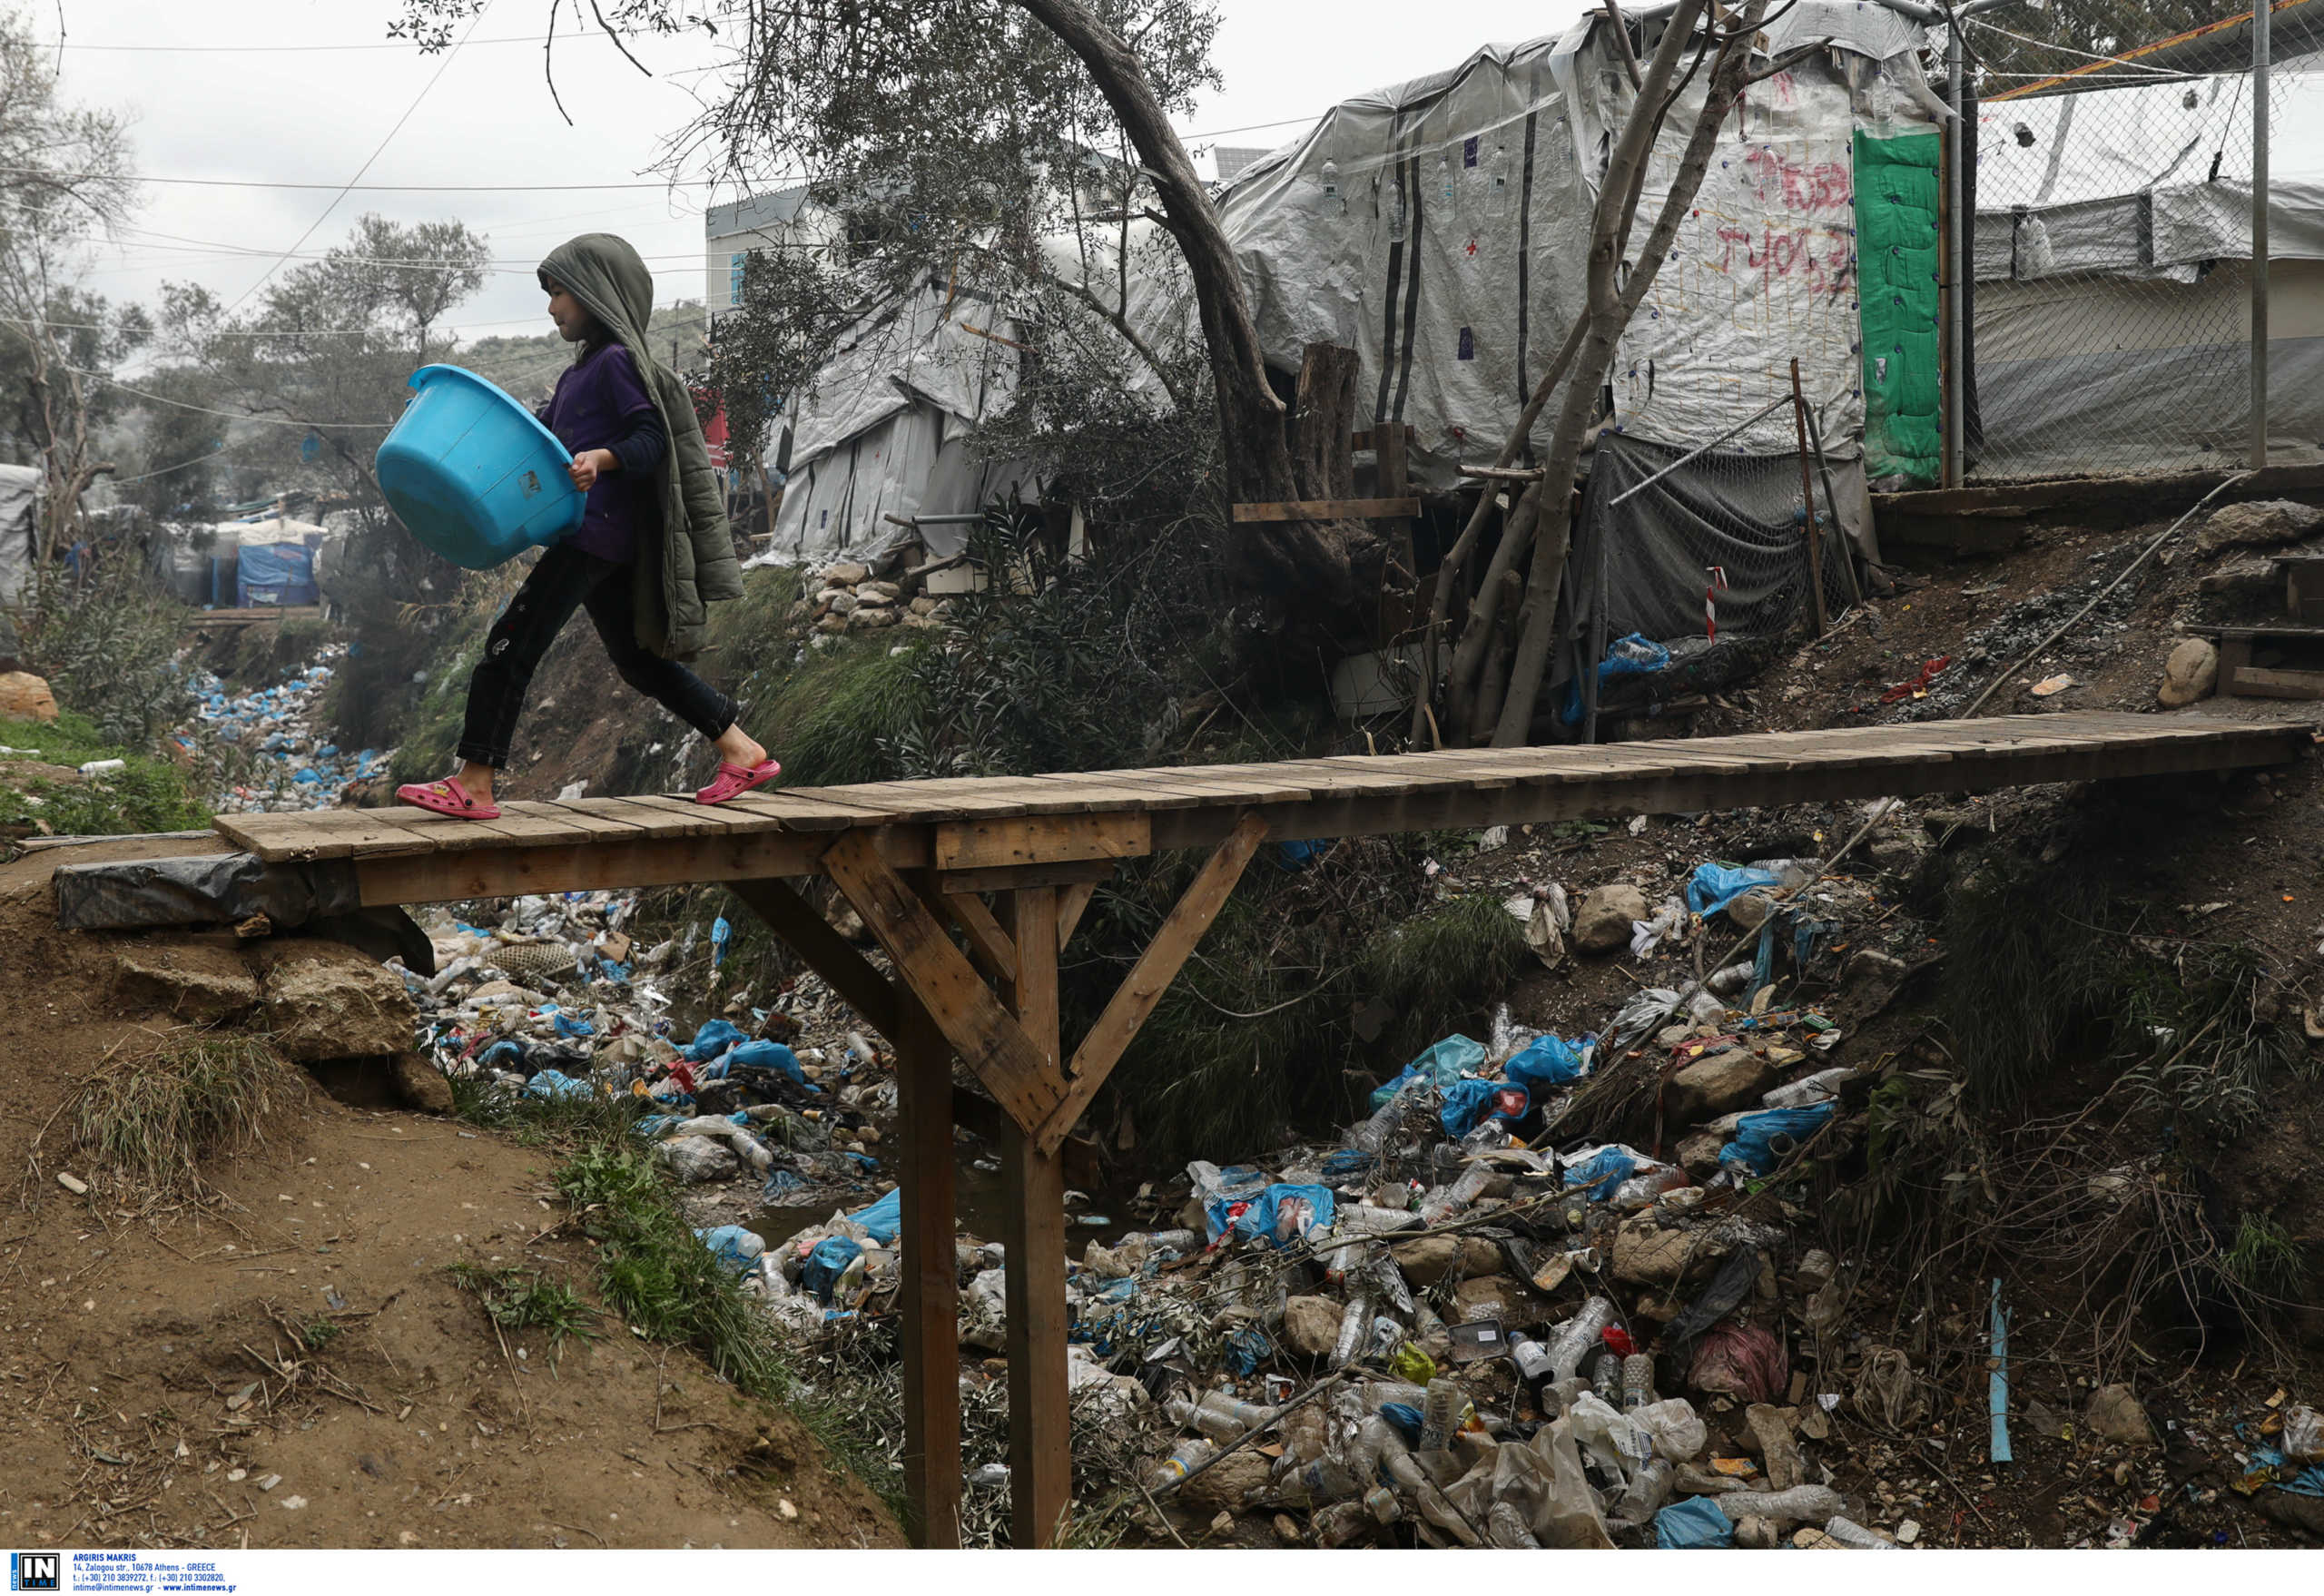 Λέσβος: Επίσκεψη Μηταράκη στη Μόρια με διαδοχικές συναντήσεις για το προσφυγικό